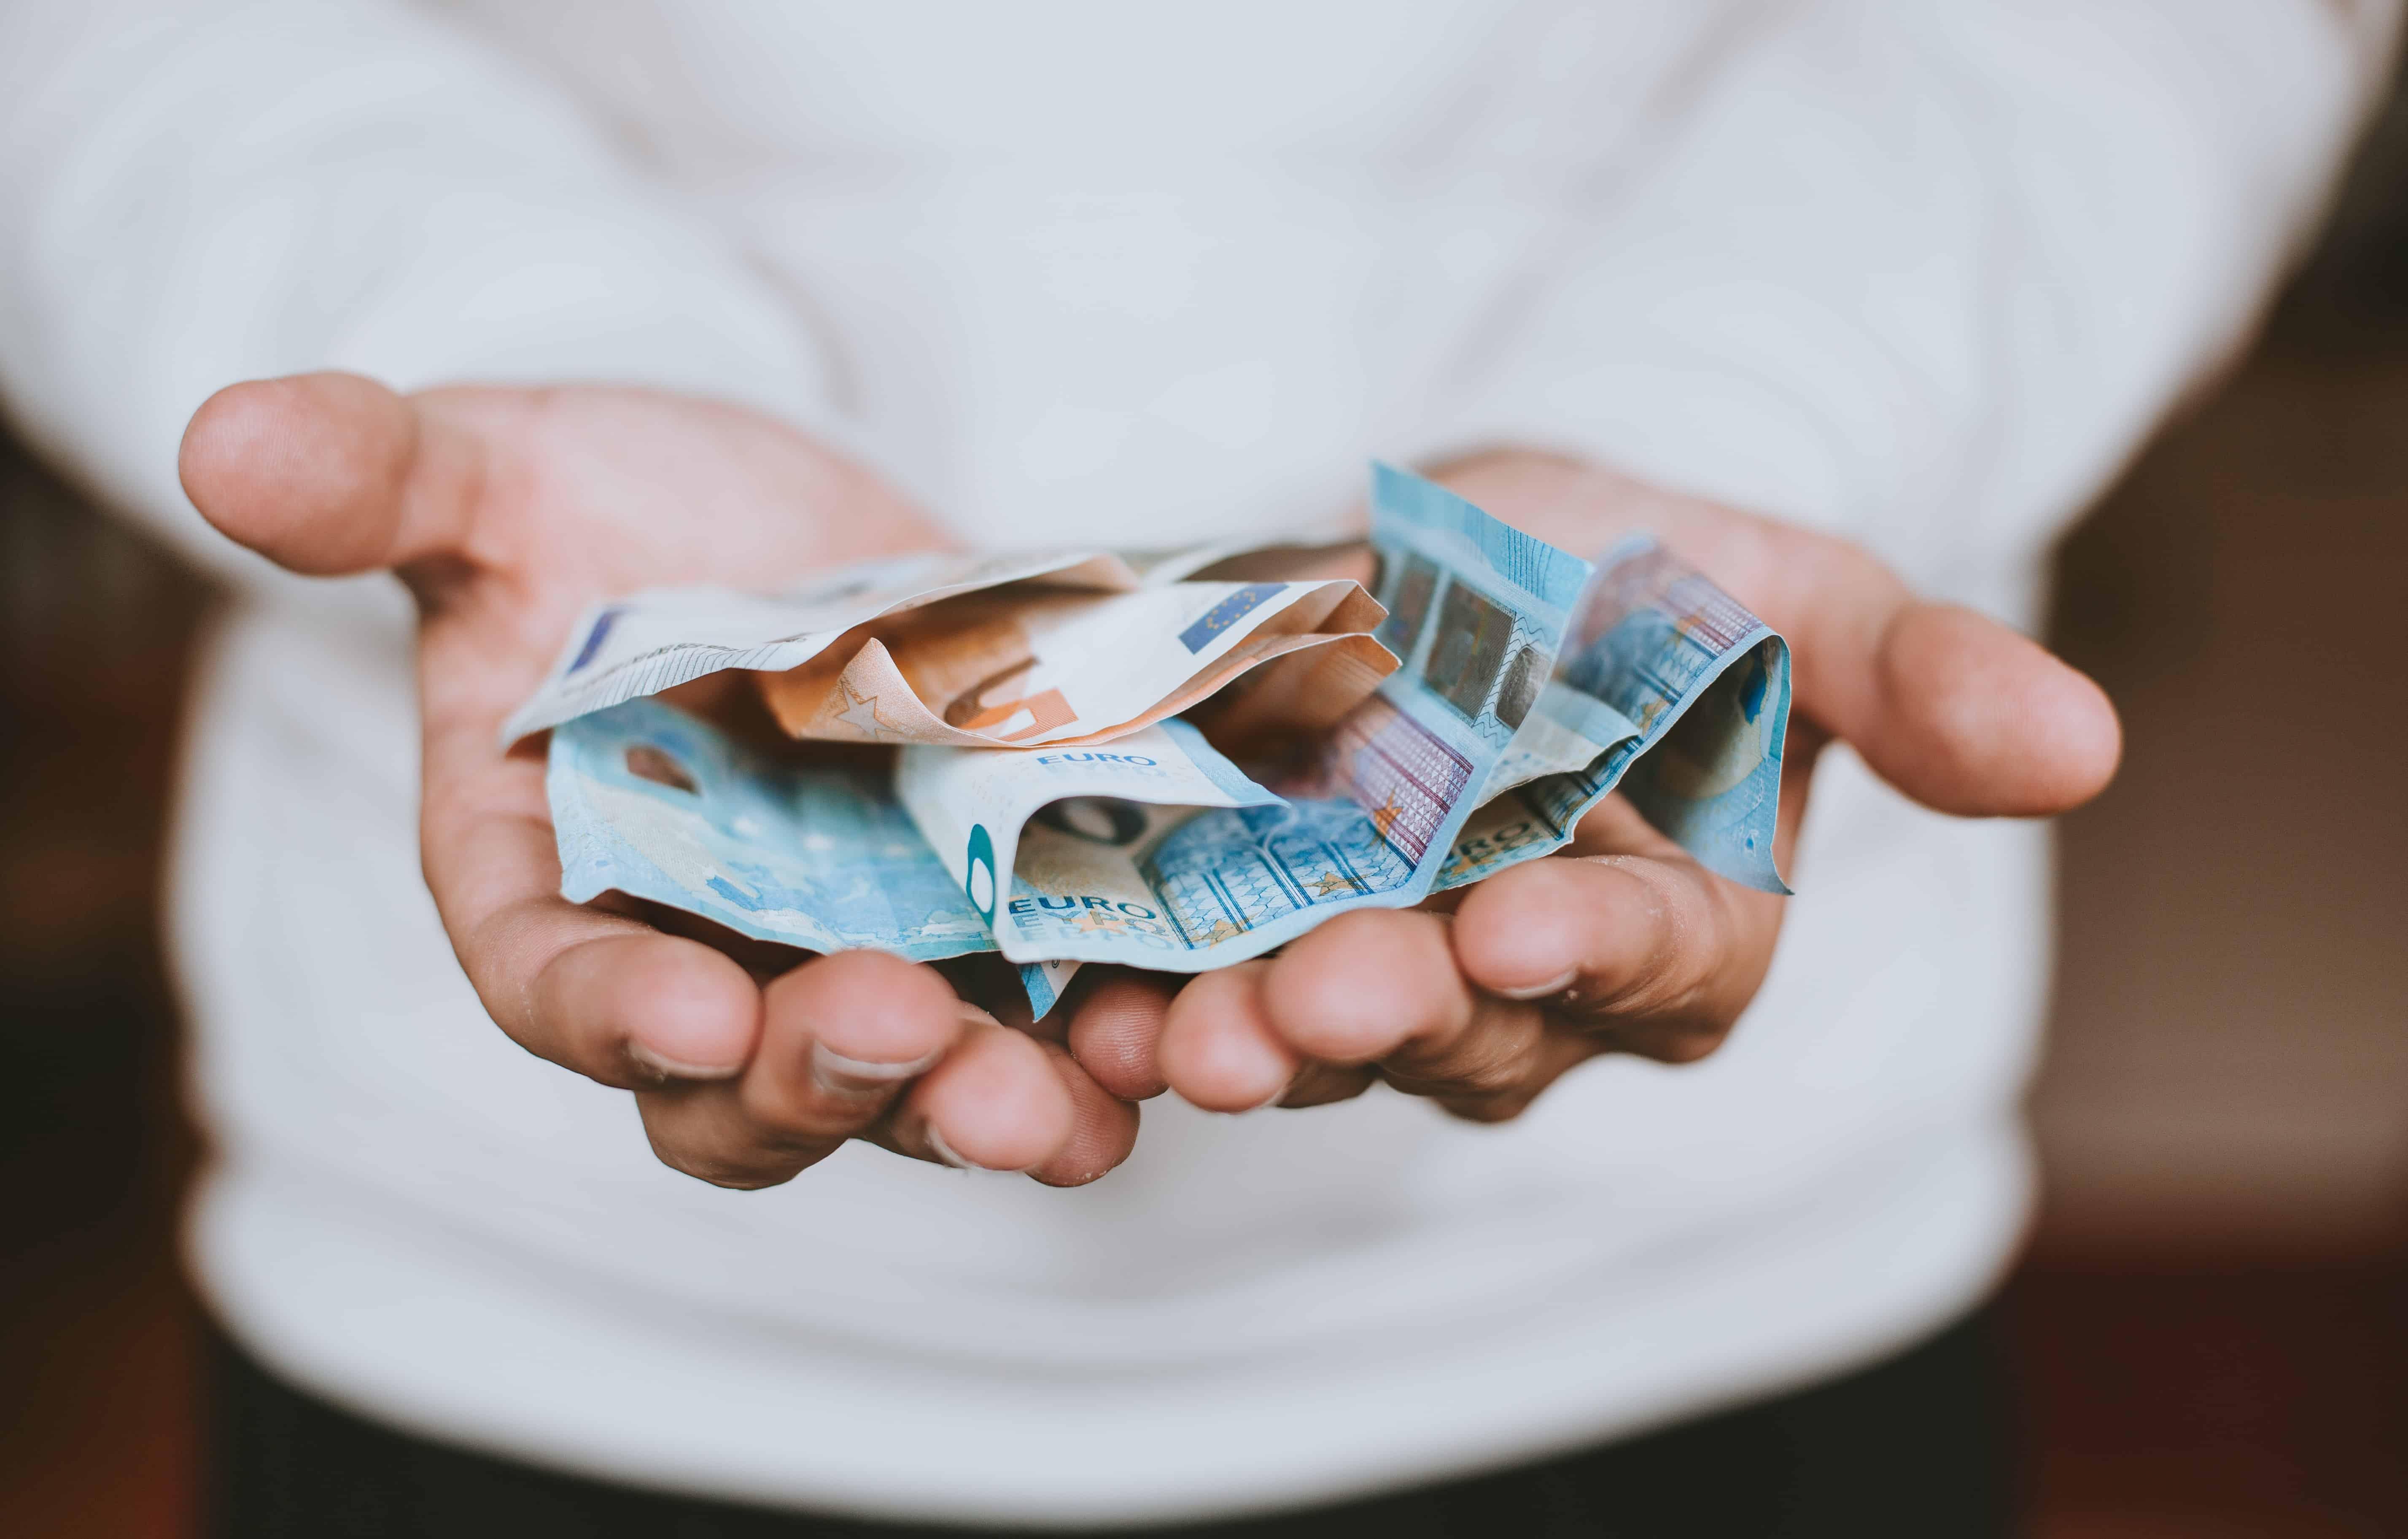 cum să faci bani creând site- uri web cel mai eficient mod de a câștiga bani pe internet